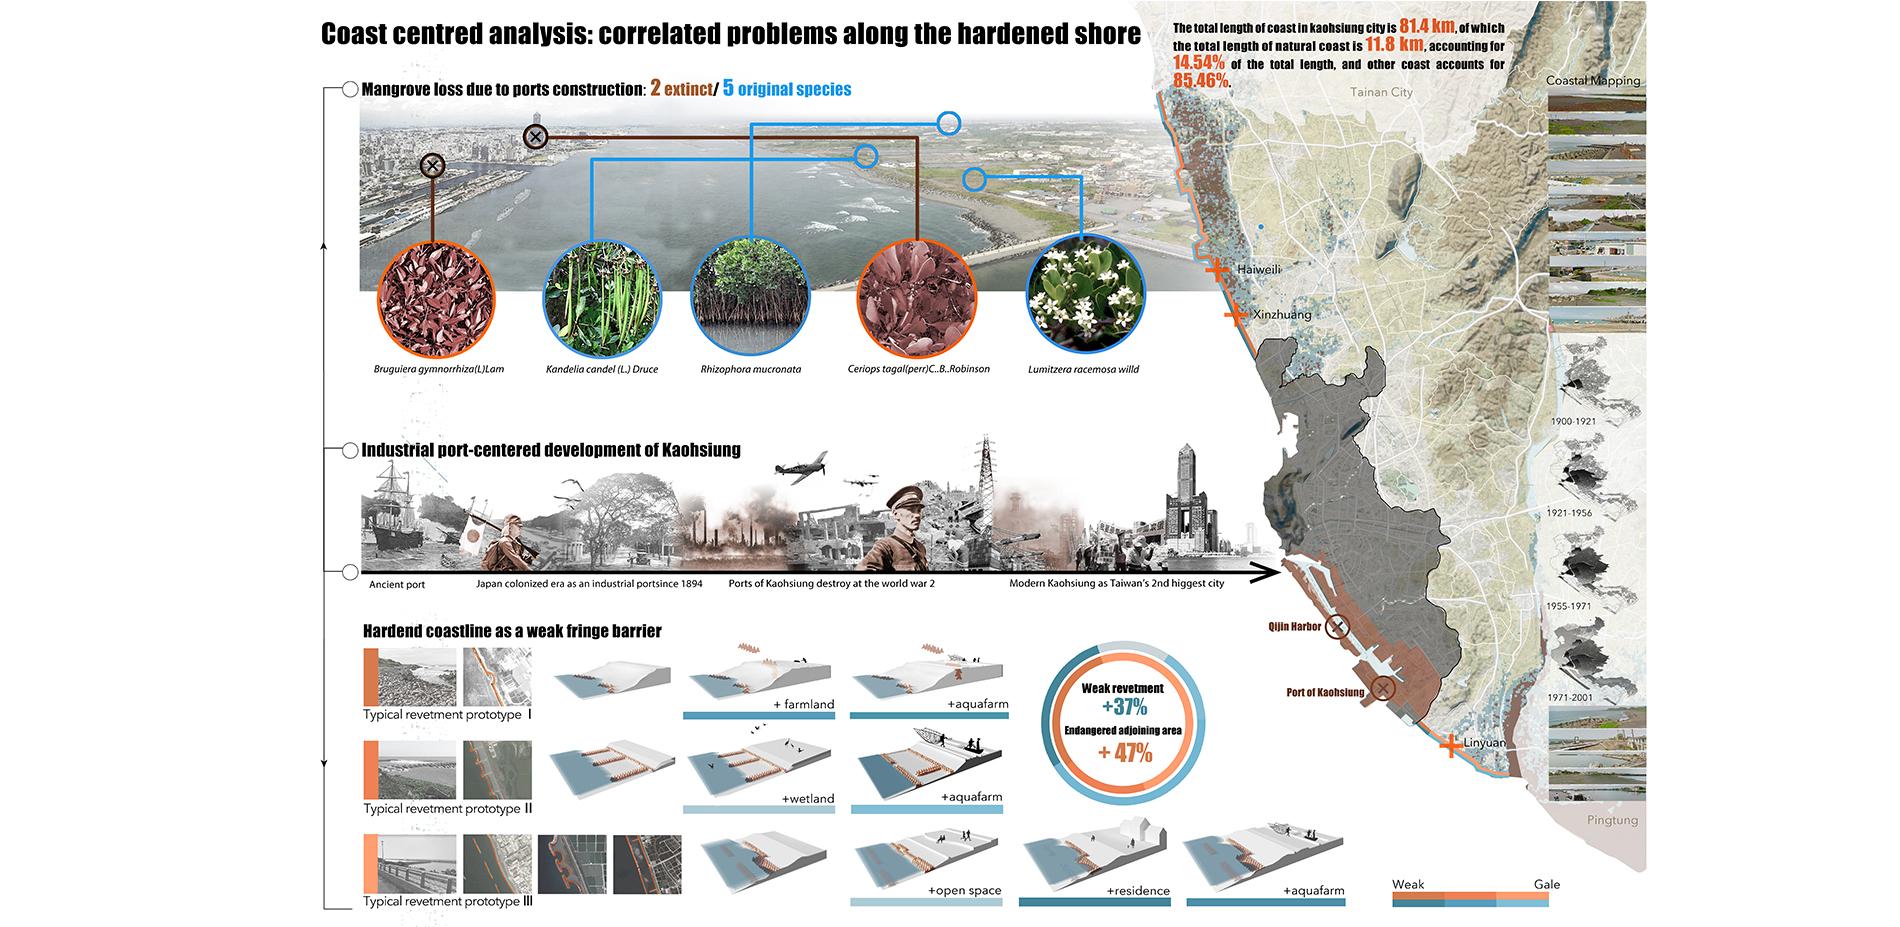 Coast Centered Analysis: Correlated Problems along the Hardened Shore